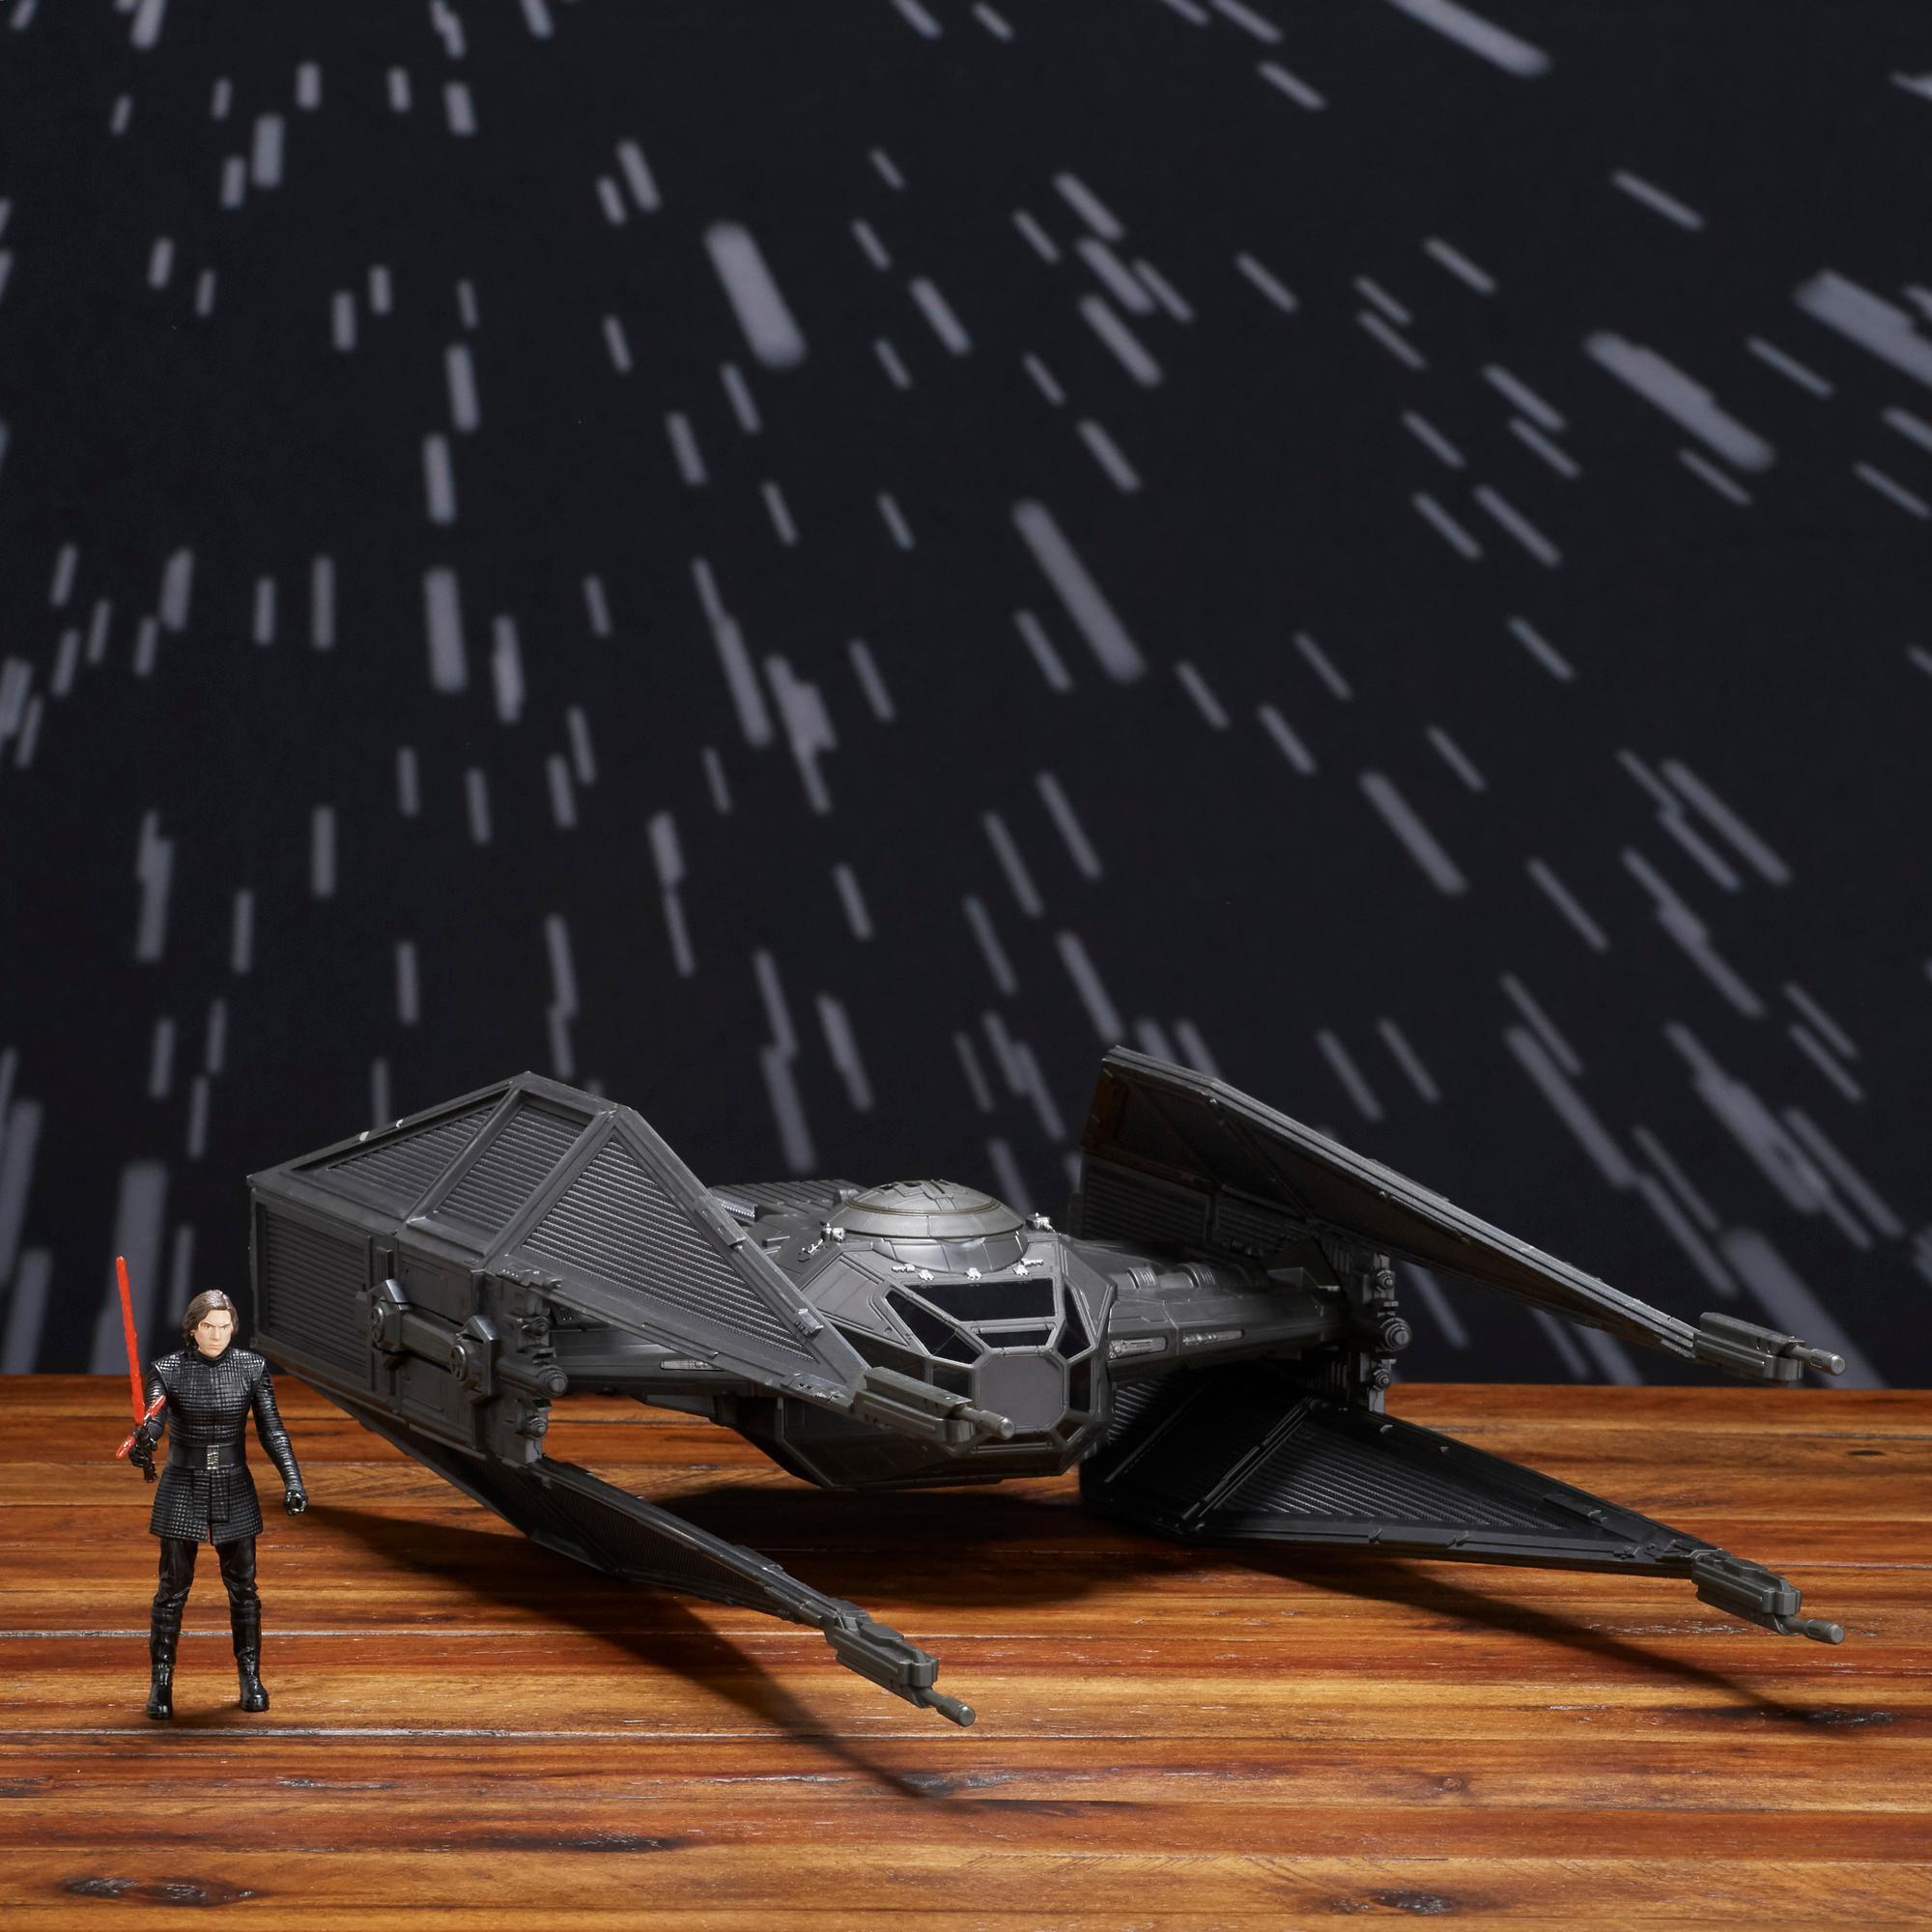 Star Wars Force Link - TIE Silencer de Kylo Ren & figurine Kylo Ren (pilote TIE)